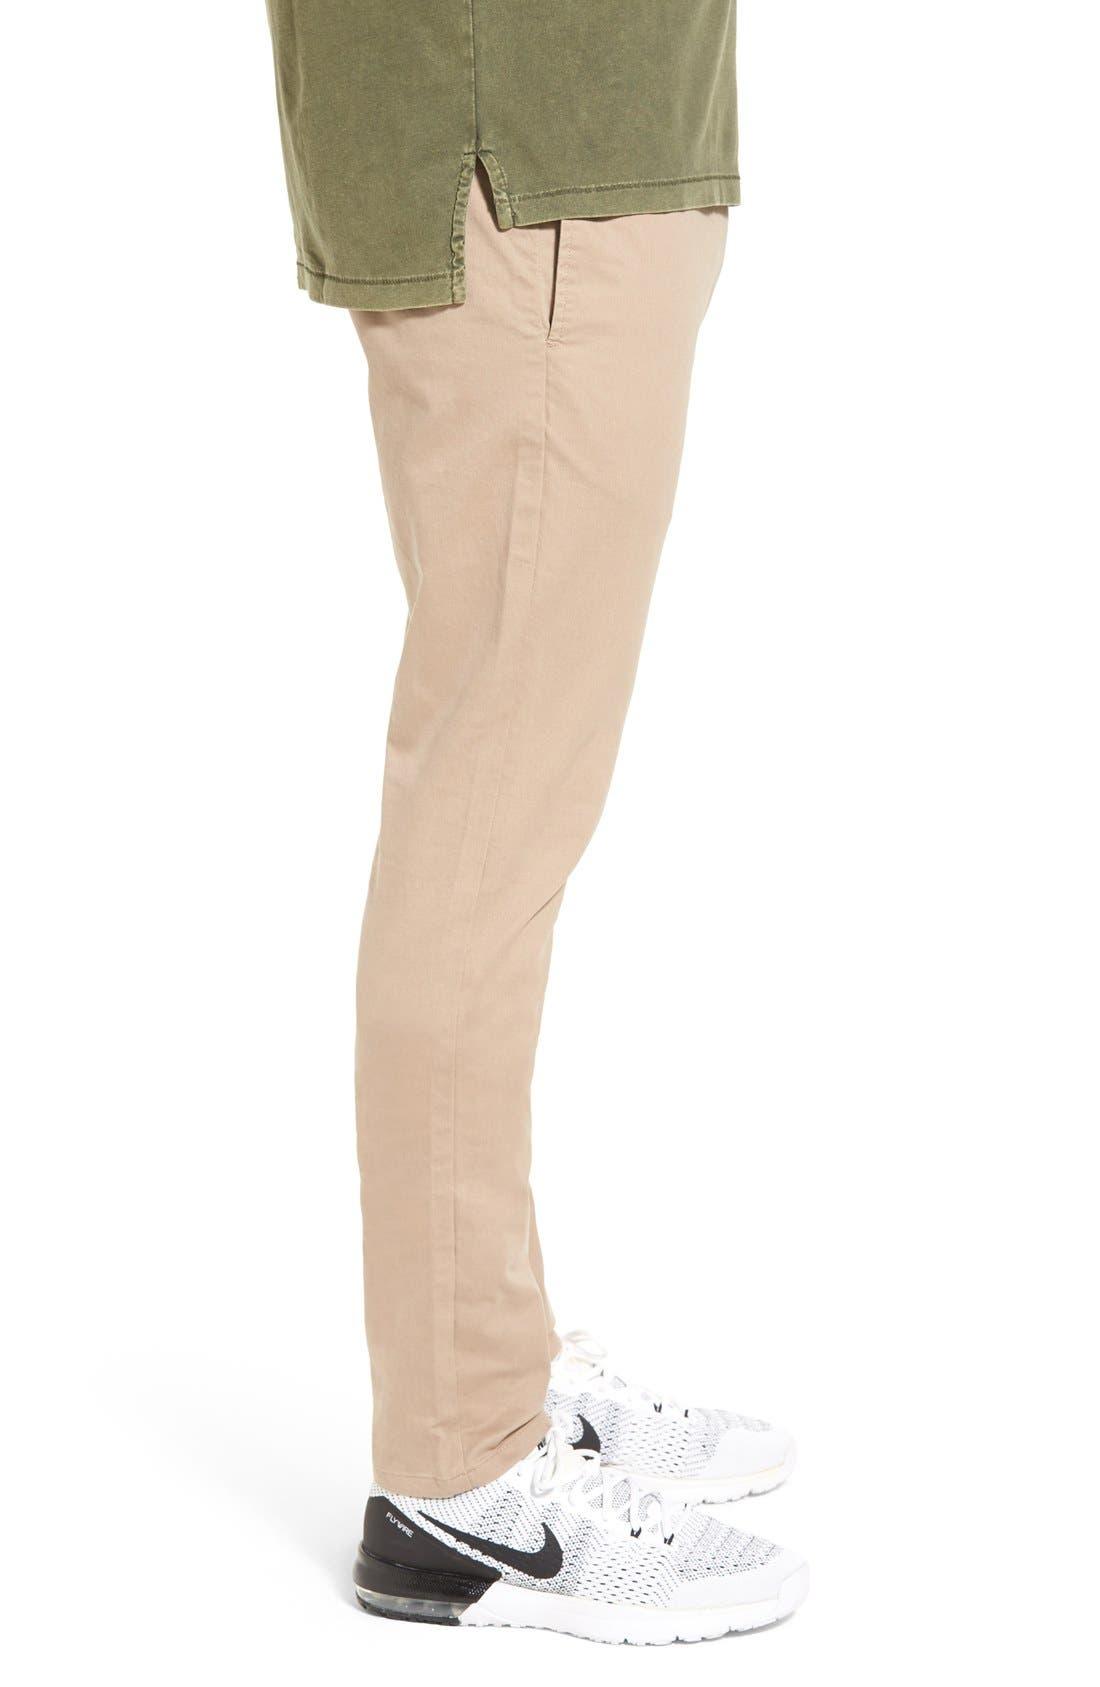 'Salerno' Chino Jogger Pants,                             Alternate thumbnail 3, color,                             Tan